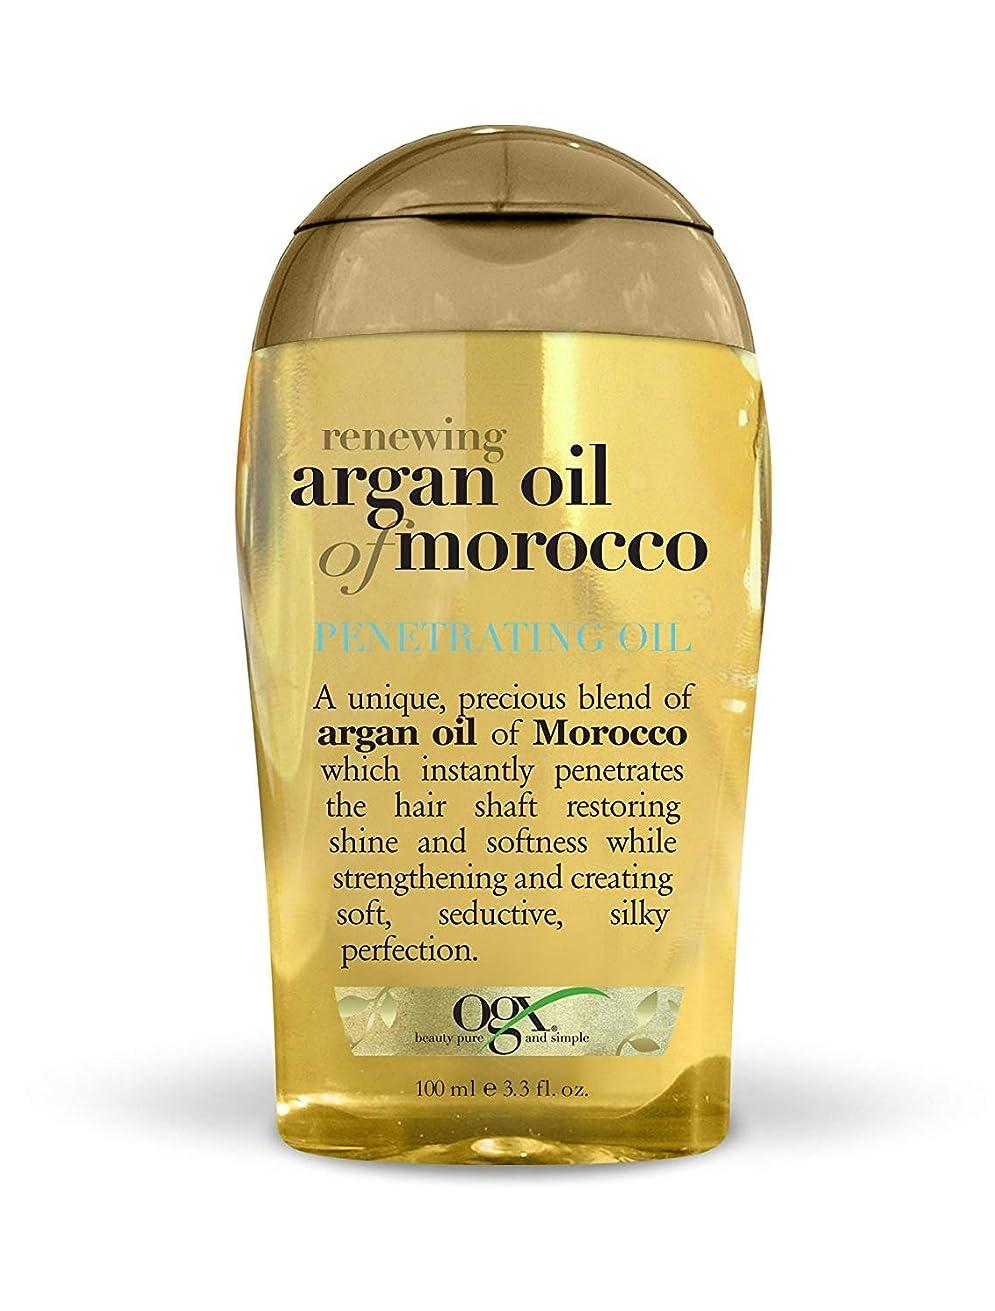 粘着性普及累計Organix Moroccan Argan Oil Penetrating Oil 100 ml x 2 パック (並行輸入品)